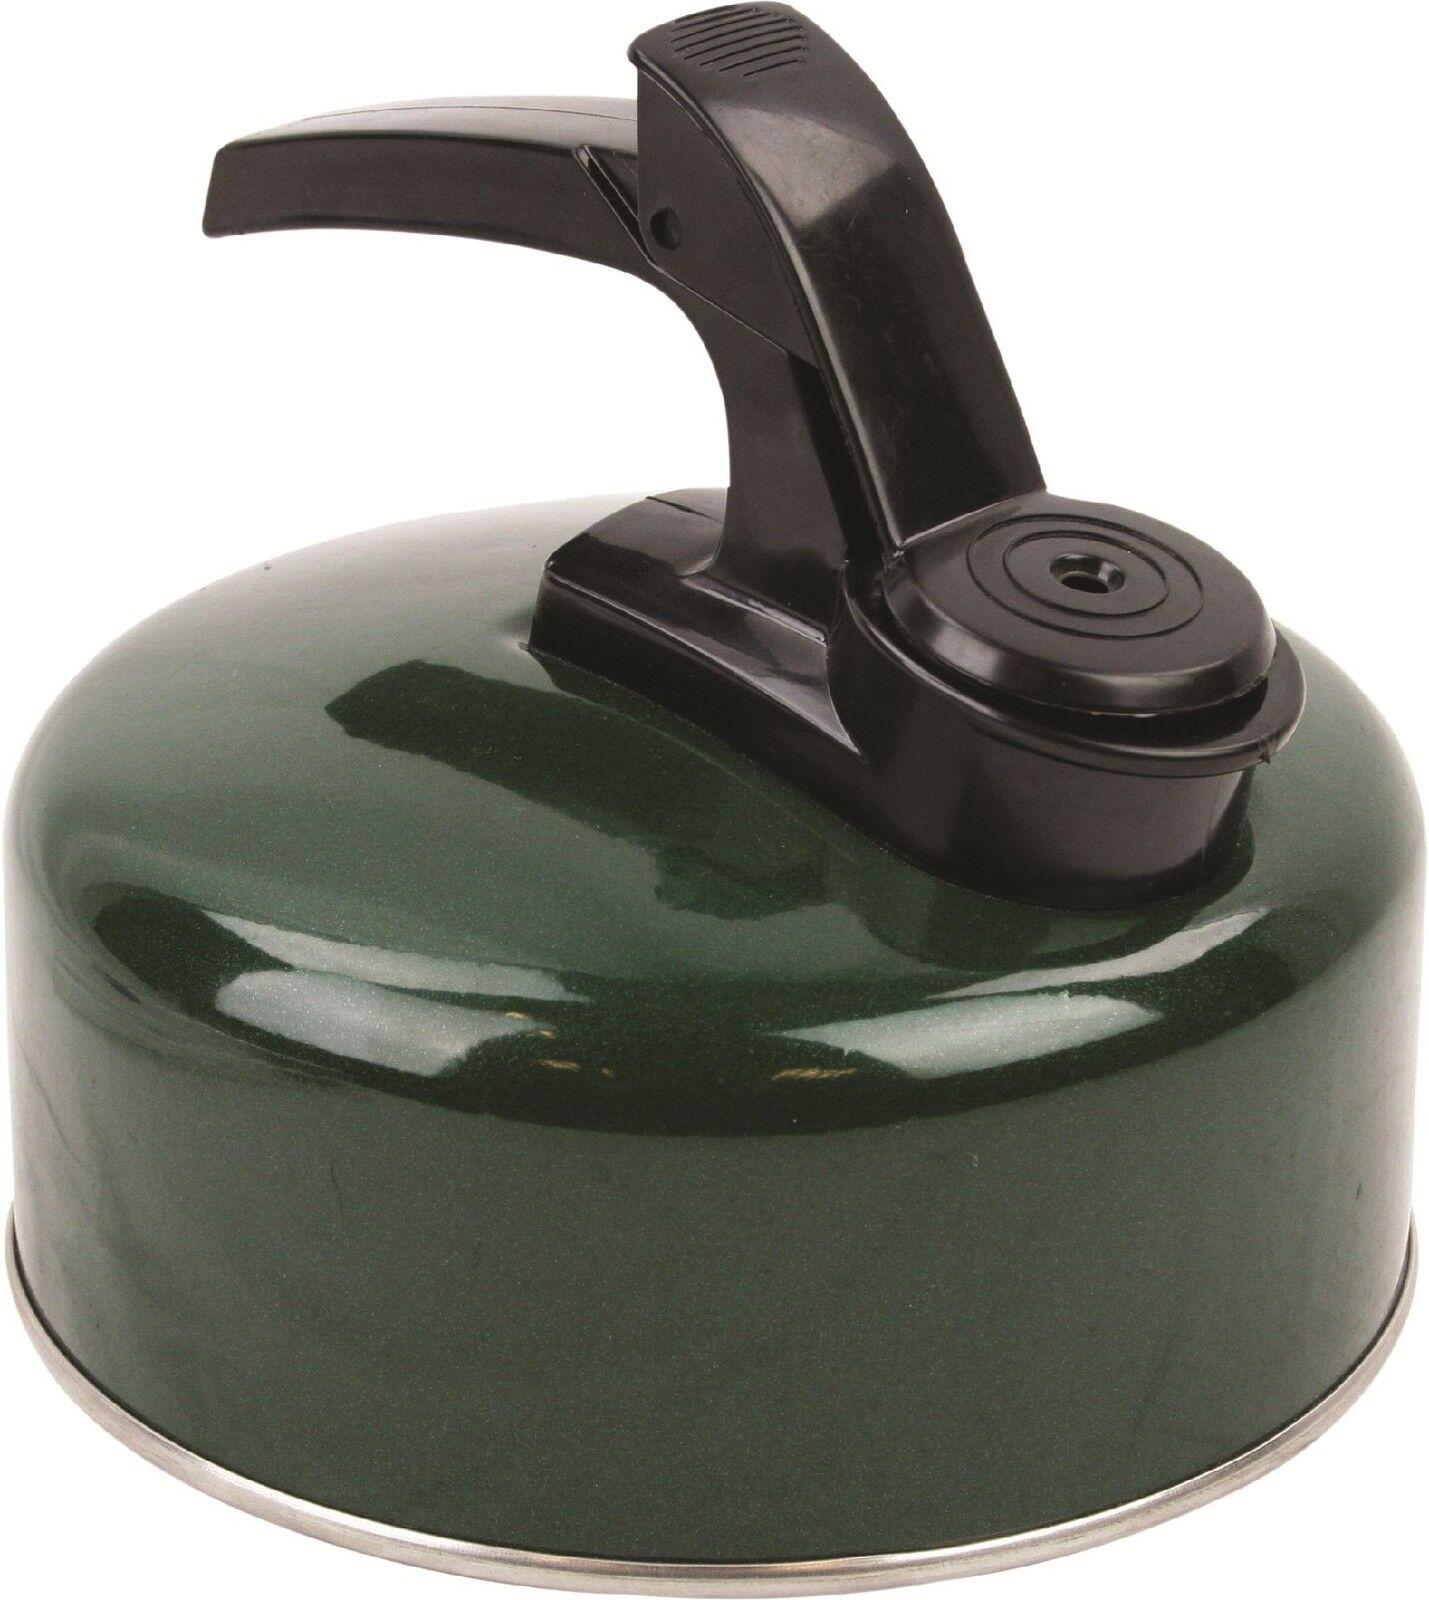 Nouveau léger 1 litre Aluminium sifflement bouilloire Camping Pêche Pêche Pêche bouillir rapide 0c7fe8